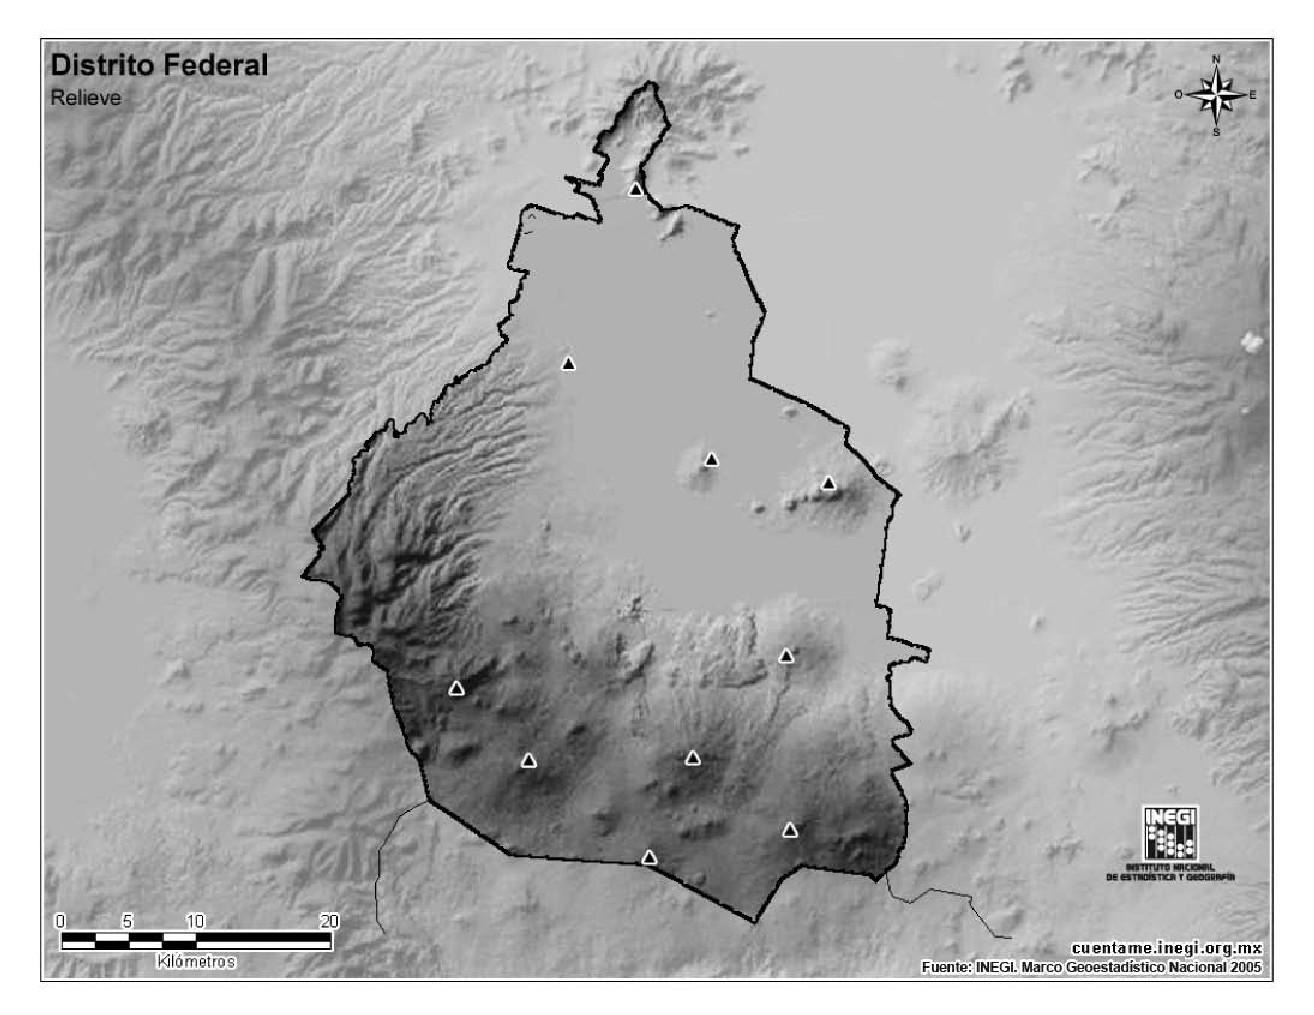 Mapa mudo de montañas de Ciudad de México. INEGI de México